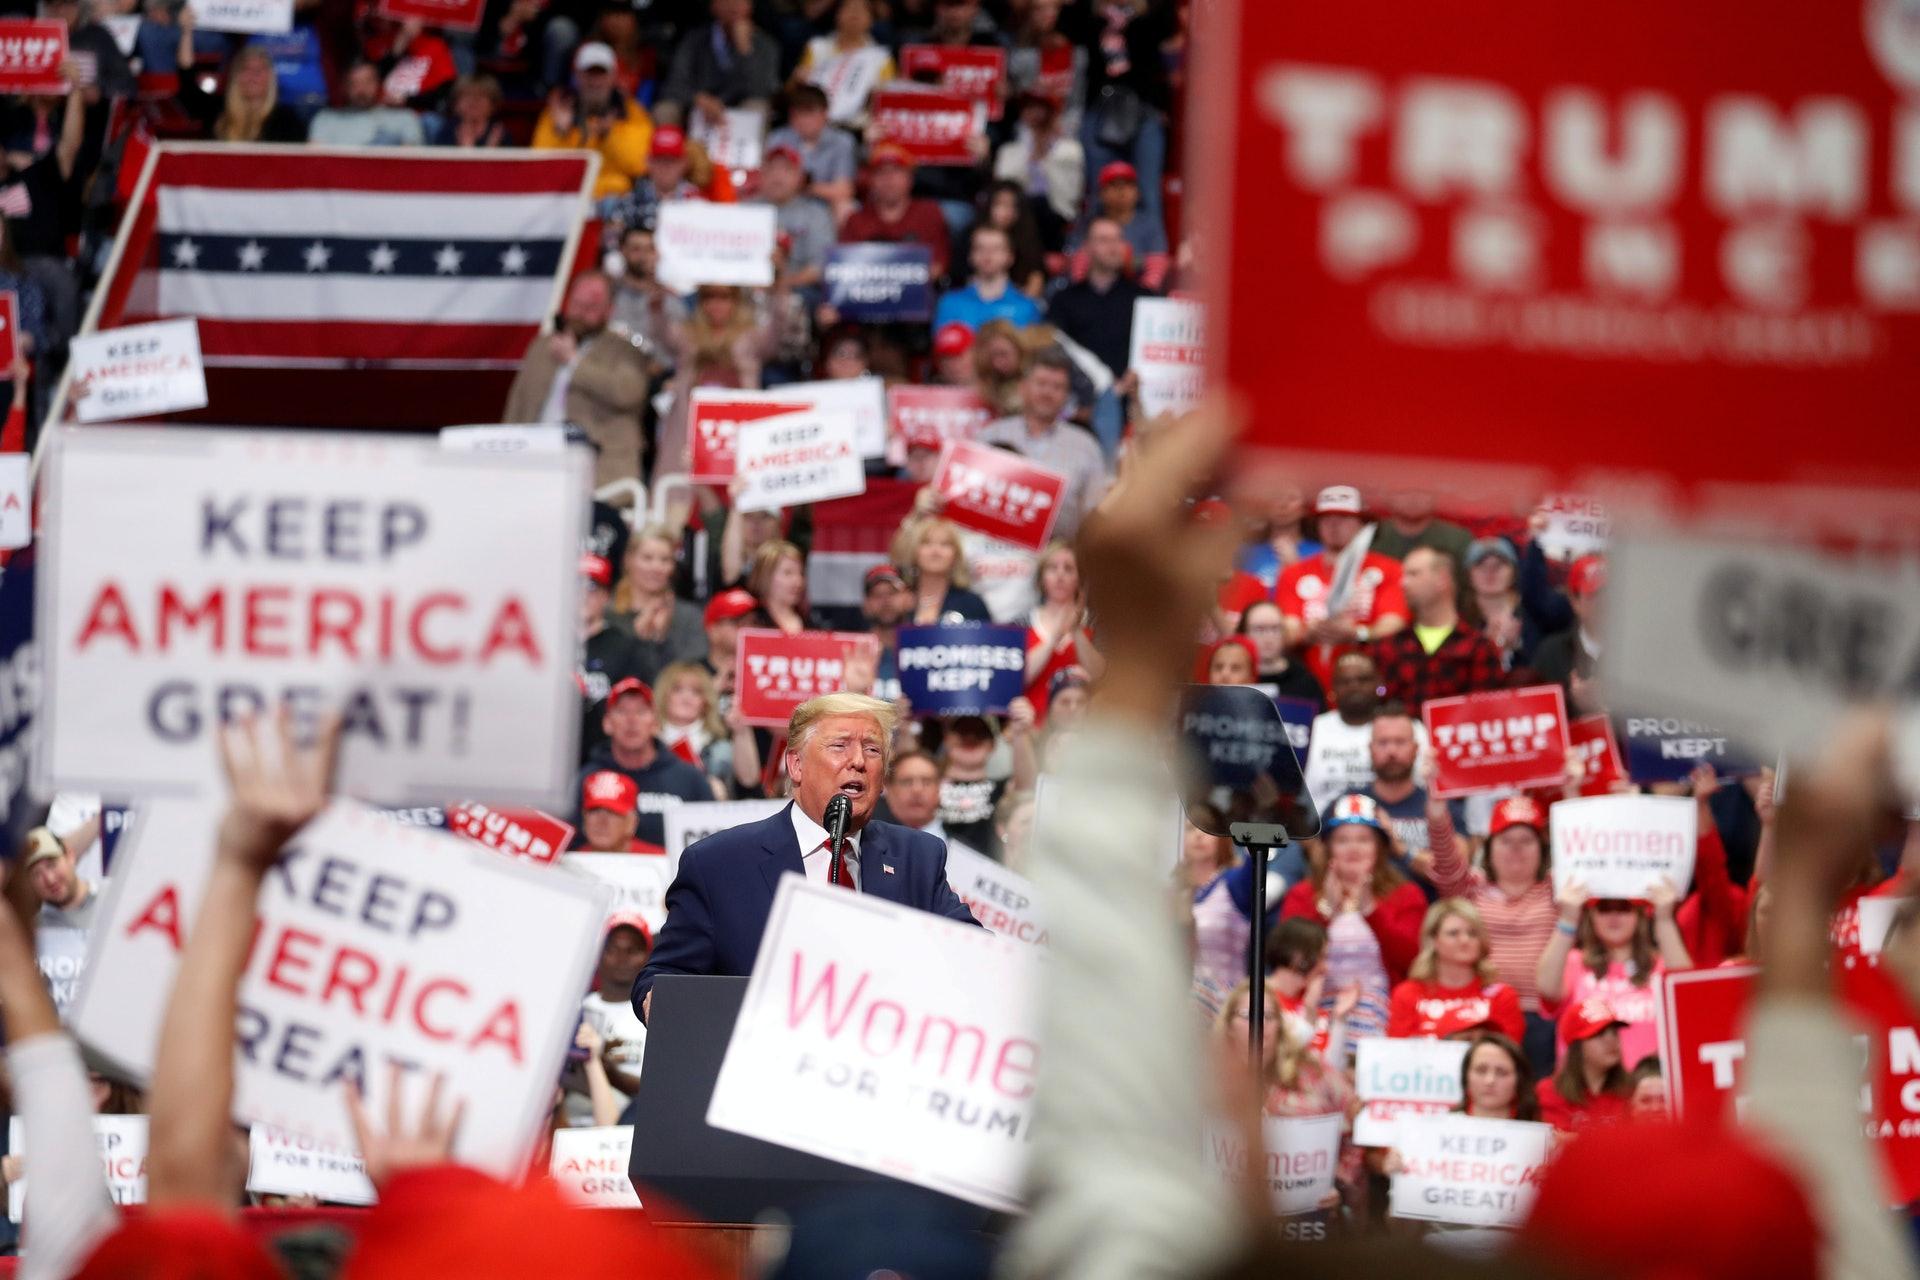 美國大選:美國總統特朗普3月2日在北卡羅來納州夏洛特出席競選集會並發表講話。(AP)